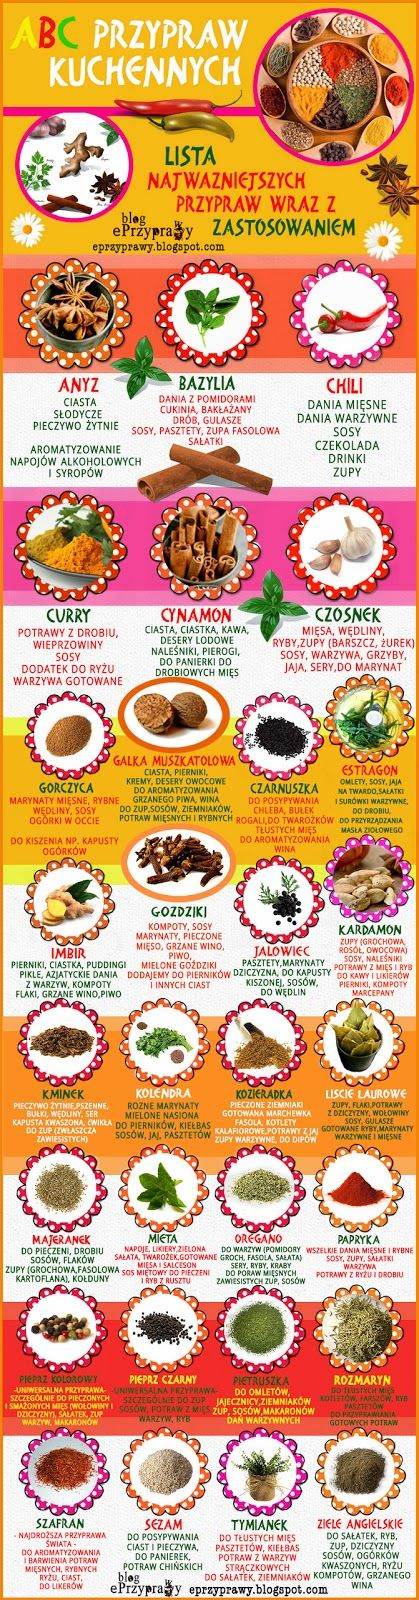 Przyprawy - Blog o przyprawach, ciekawostkach i  gotowaniu : DARMOWE ABC PRZYPRAW KUCHENNYCH 2014